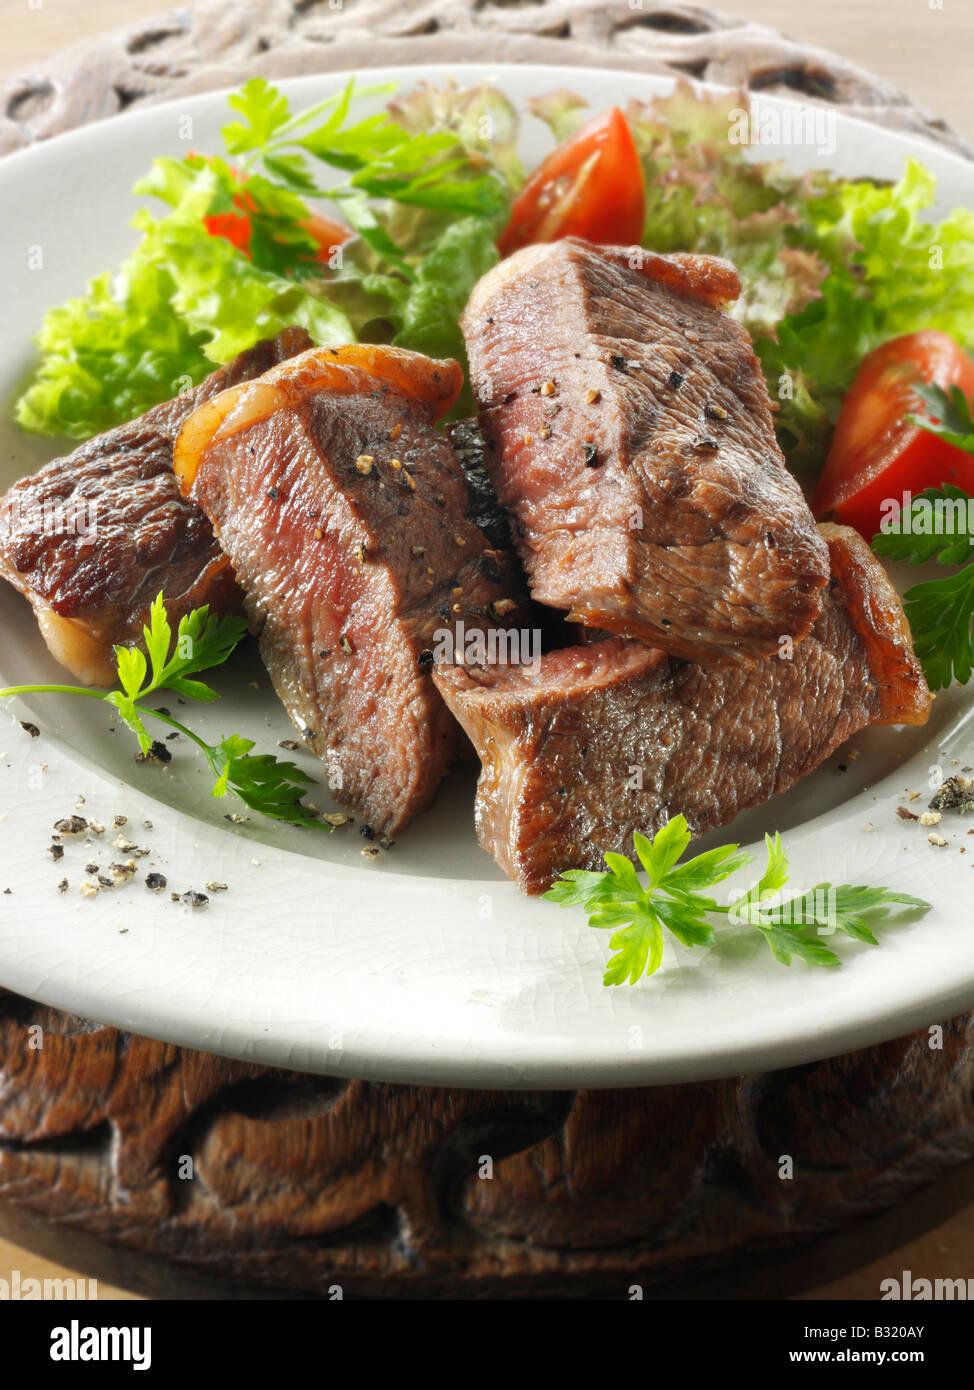 Steak de faux filet de boeuf frais et salade mixte Photo Stock